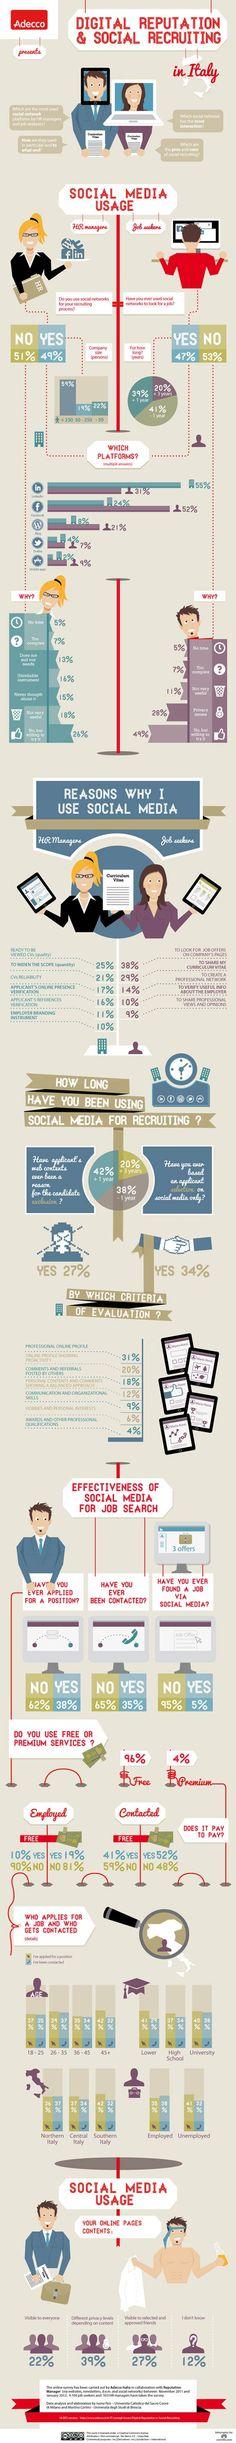 Come Selezionatori e Candidati usano i Social Media in Italia [Infografica]